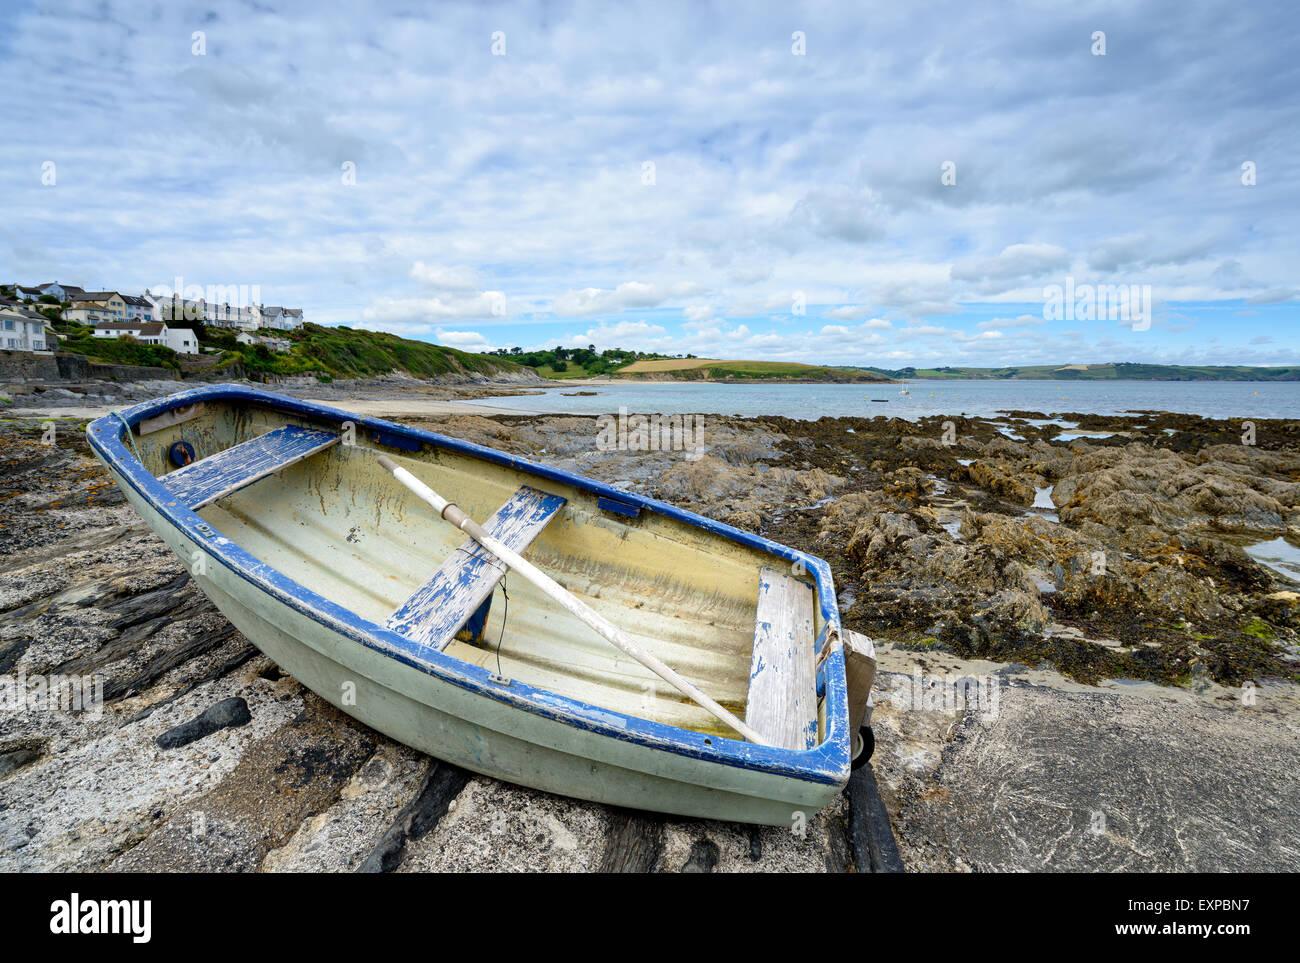 Eine Jolle am Strand von Portscatho ein kleines malerisches Fischerdorf in der Nähe von St Mawes an der kornischen Stockbild